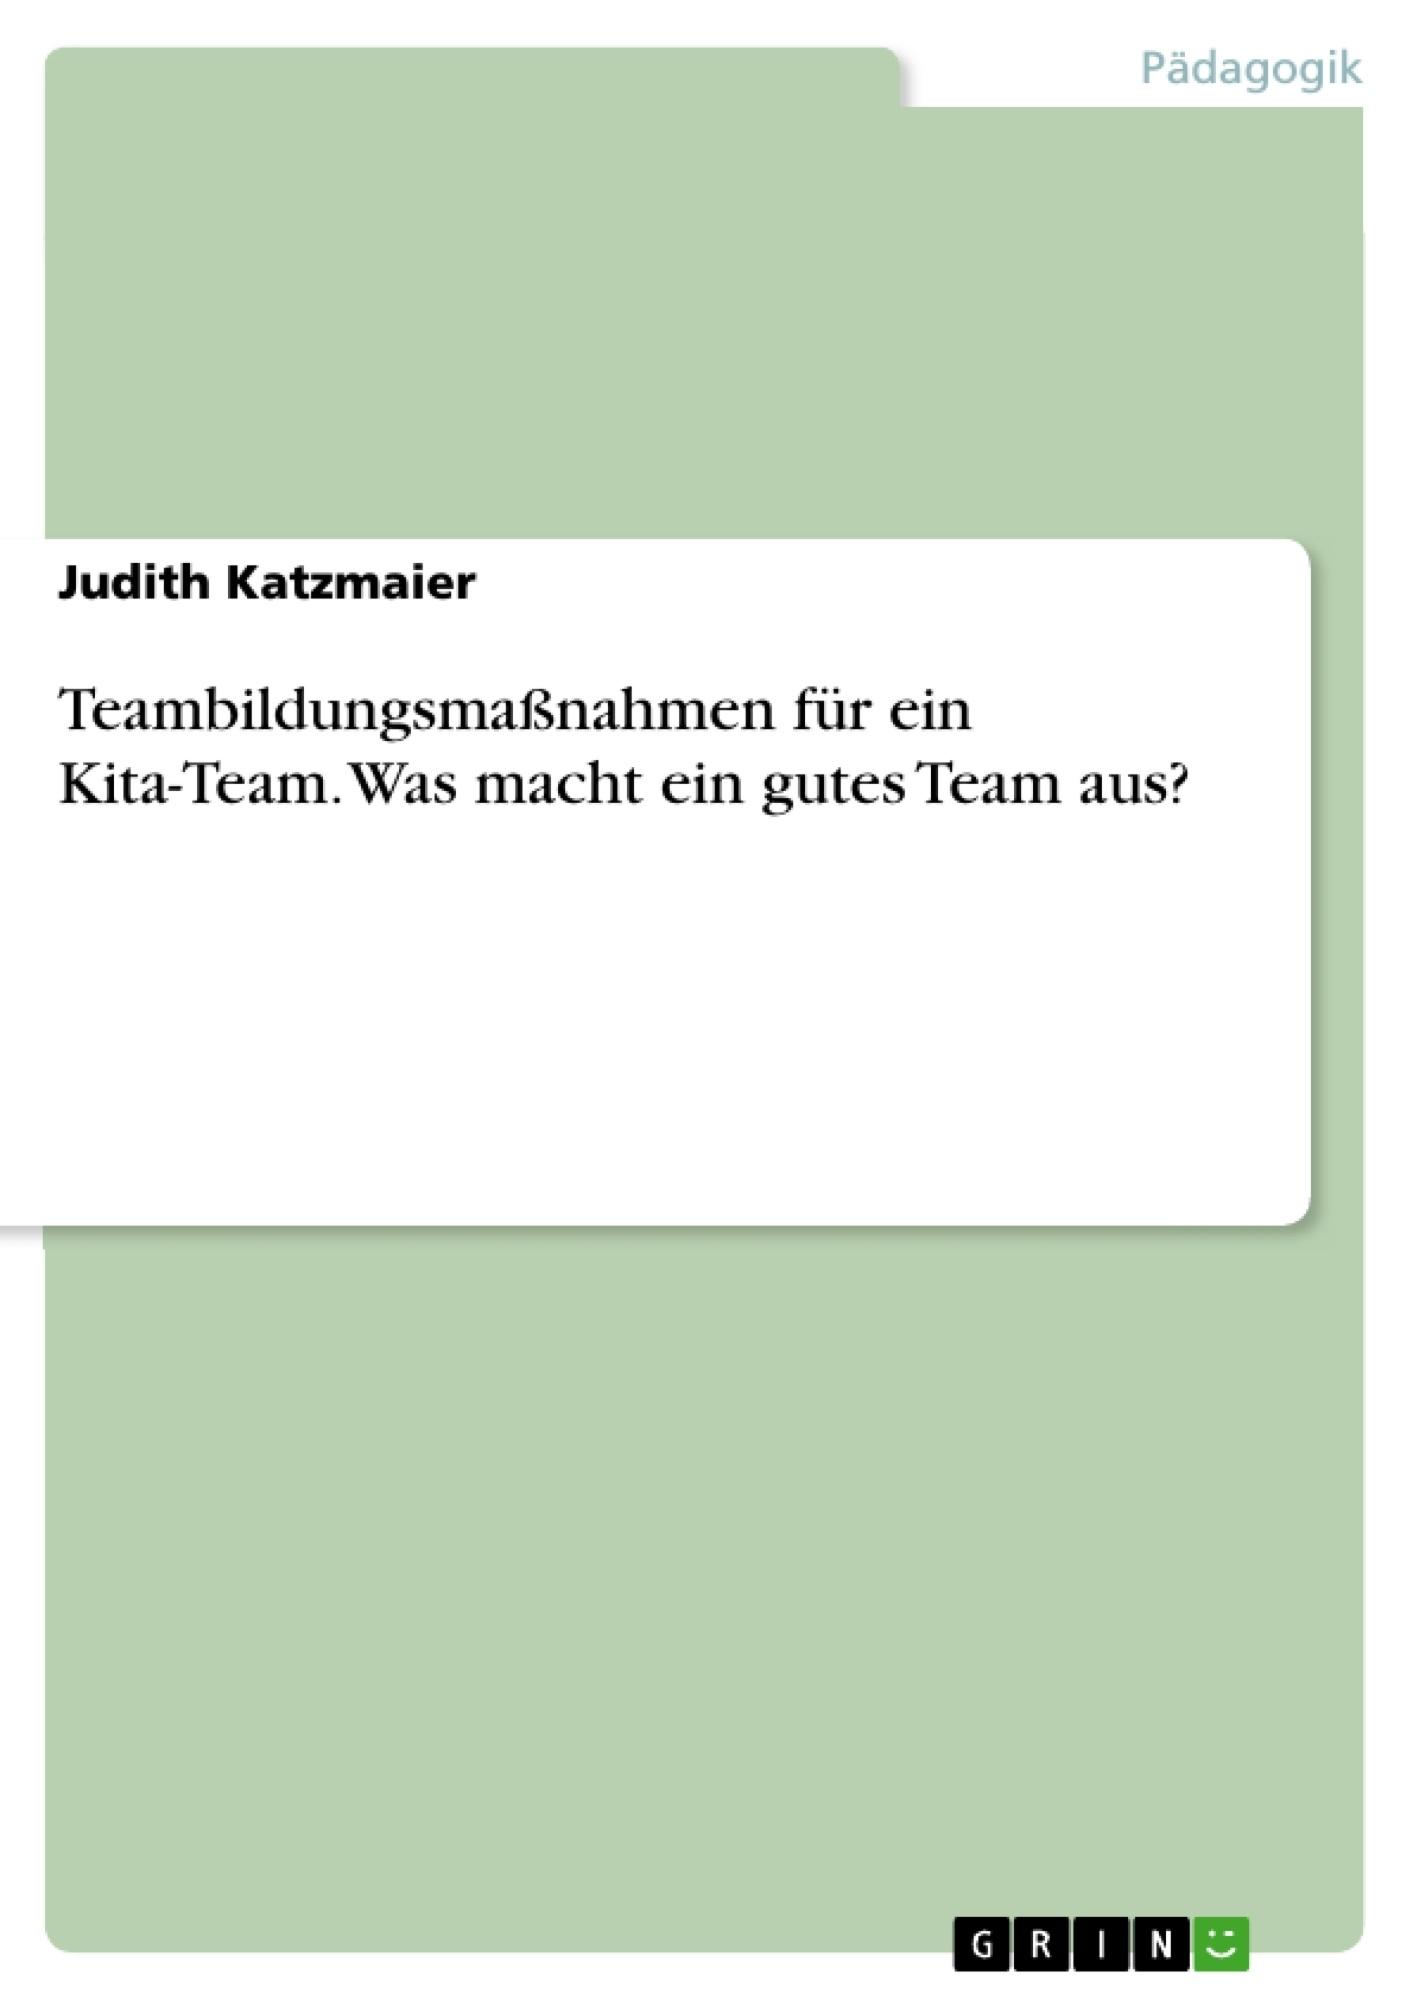 Titel: Teambildungsmaßnahmen für ein Kita-Team. Was macht ein gutes Team aus?